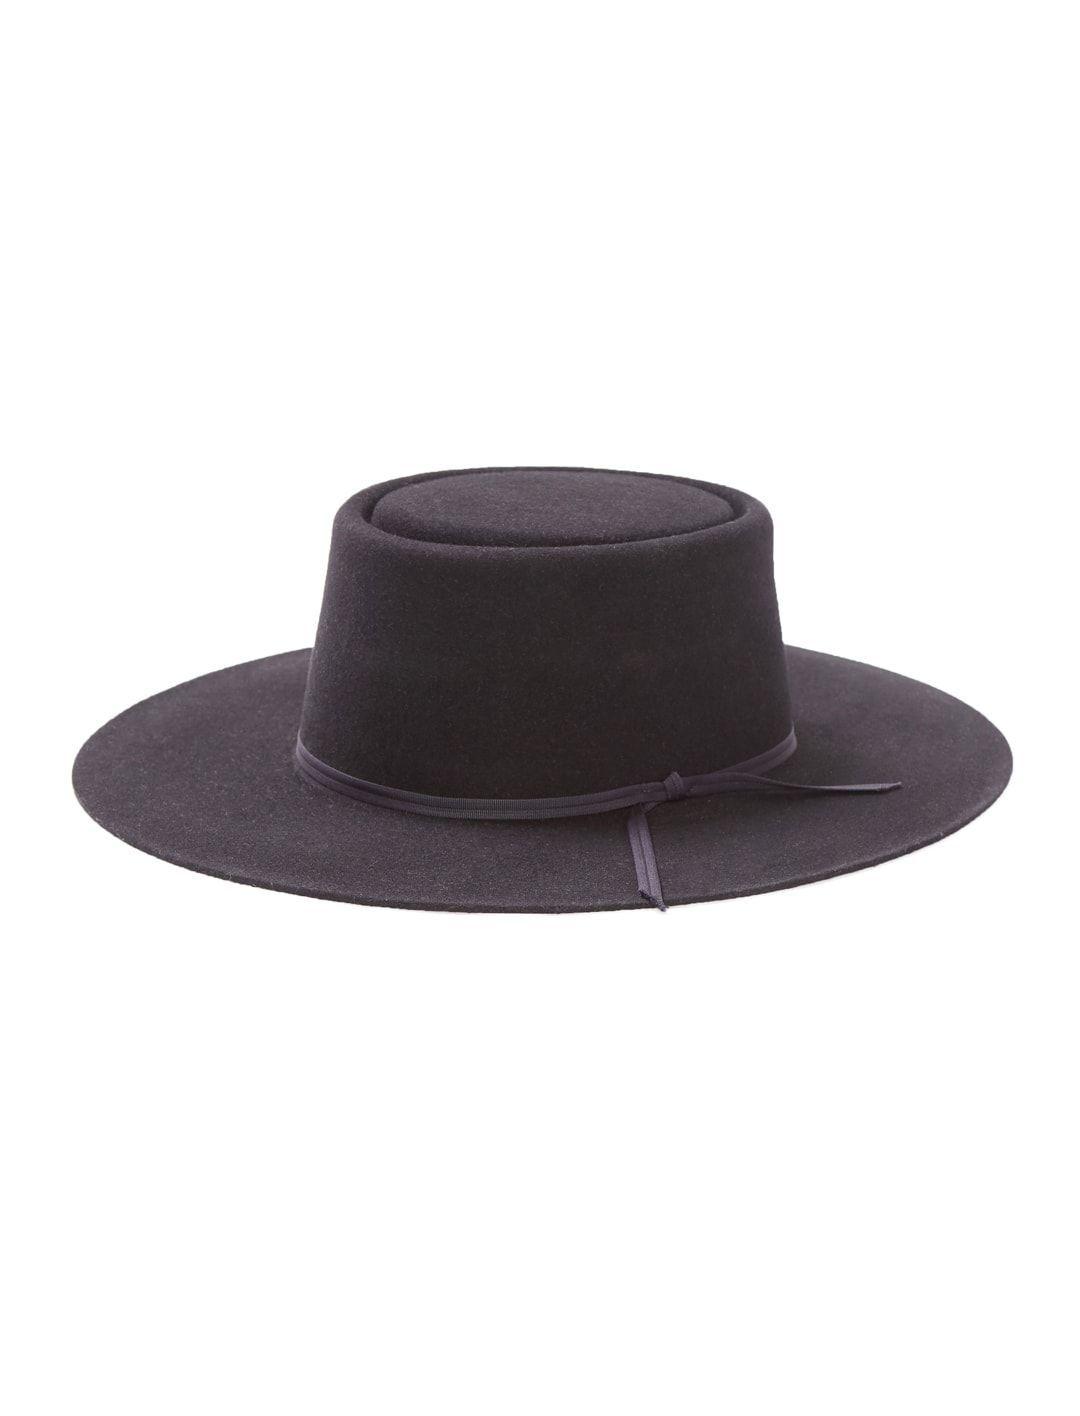 62804e2473c46a Mag 7 3X Cowboy Hat | Cowboy Hats | Cowboy hats, Hats, Western ...